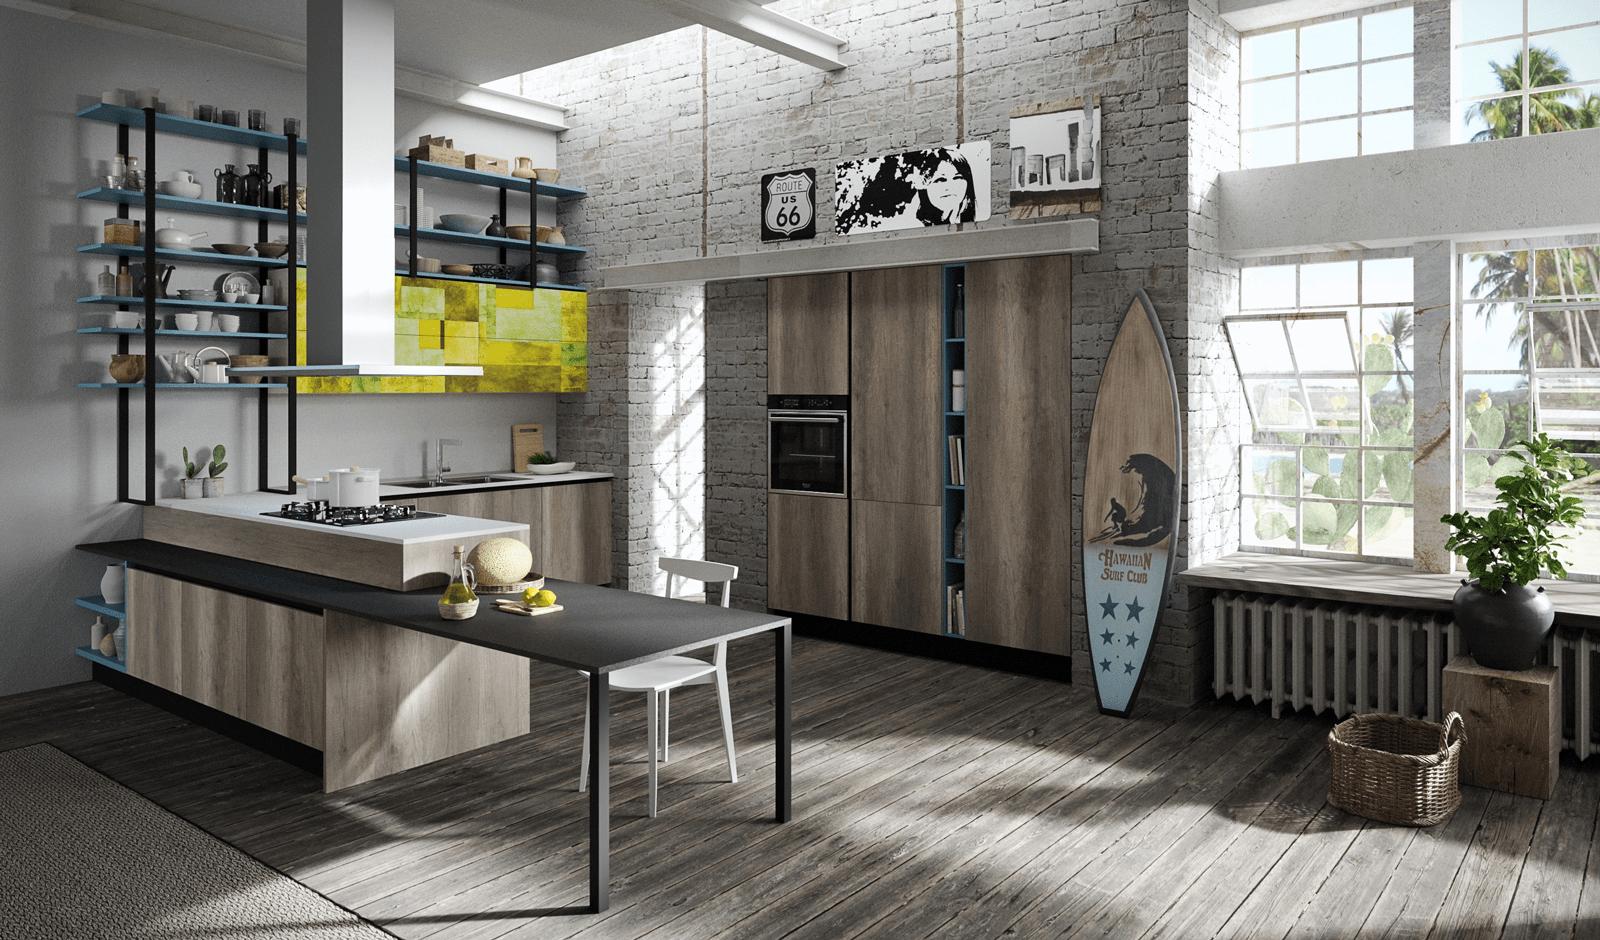 Penisola per la cucina non solo per dividere in zone cose di casa - Cucina aran mia ...